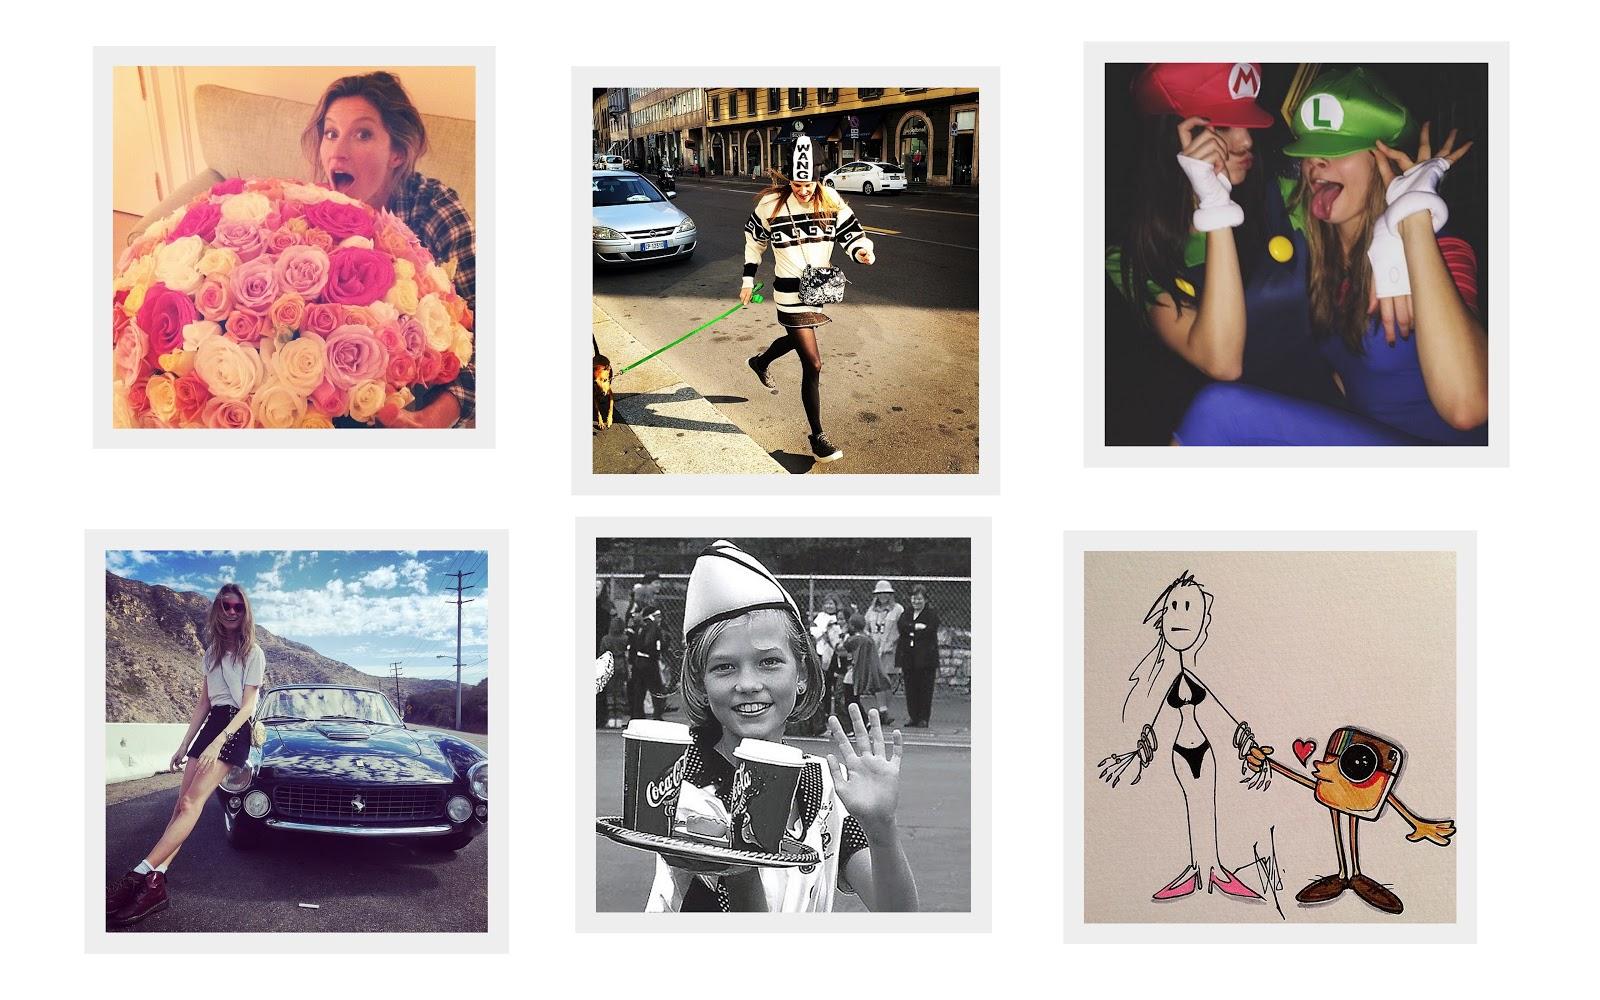 deau, blogger, dominique, candido, blog, fashion, mode, instagram, favourites, gisele, bündchen, cara, delevingne, kendall, jenner, behati, prinsloo, anna, dello ,russo, karlie, kloss, badgalriri, rihanna,